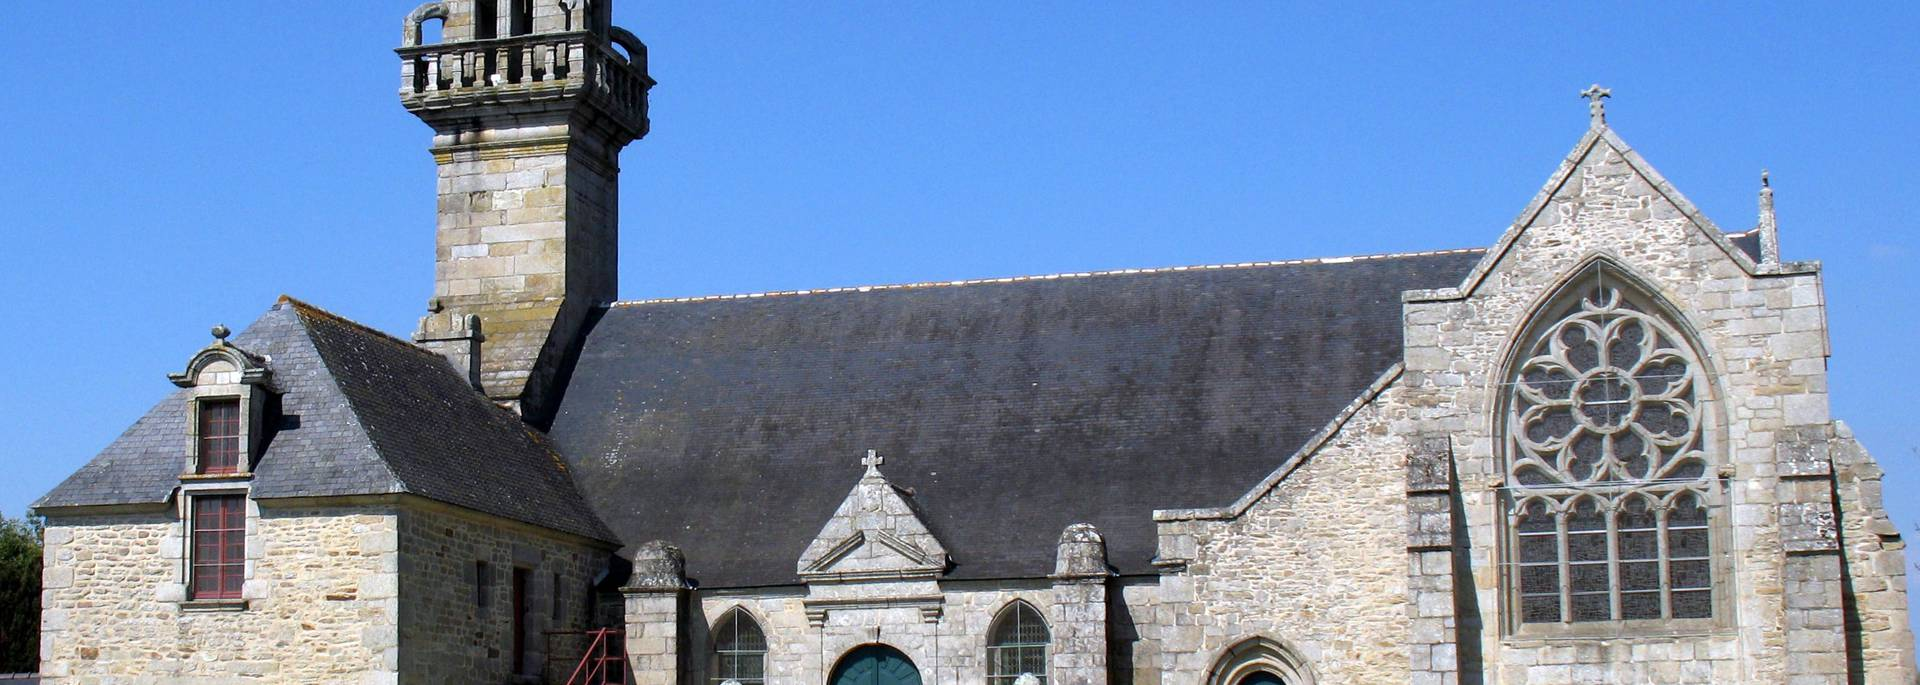 Chapelle de Languivoa à Plonéour-Lanvern